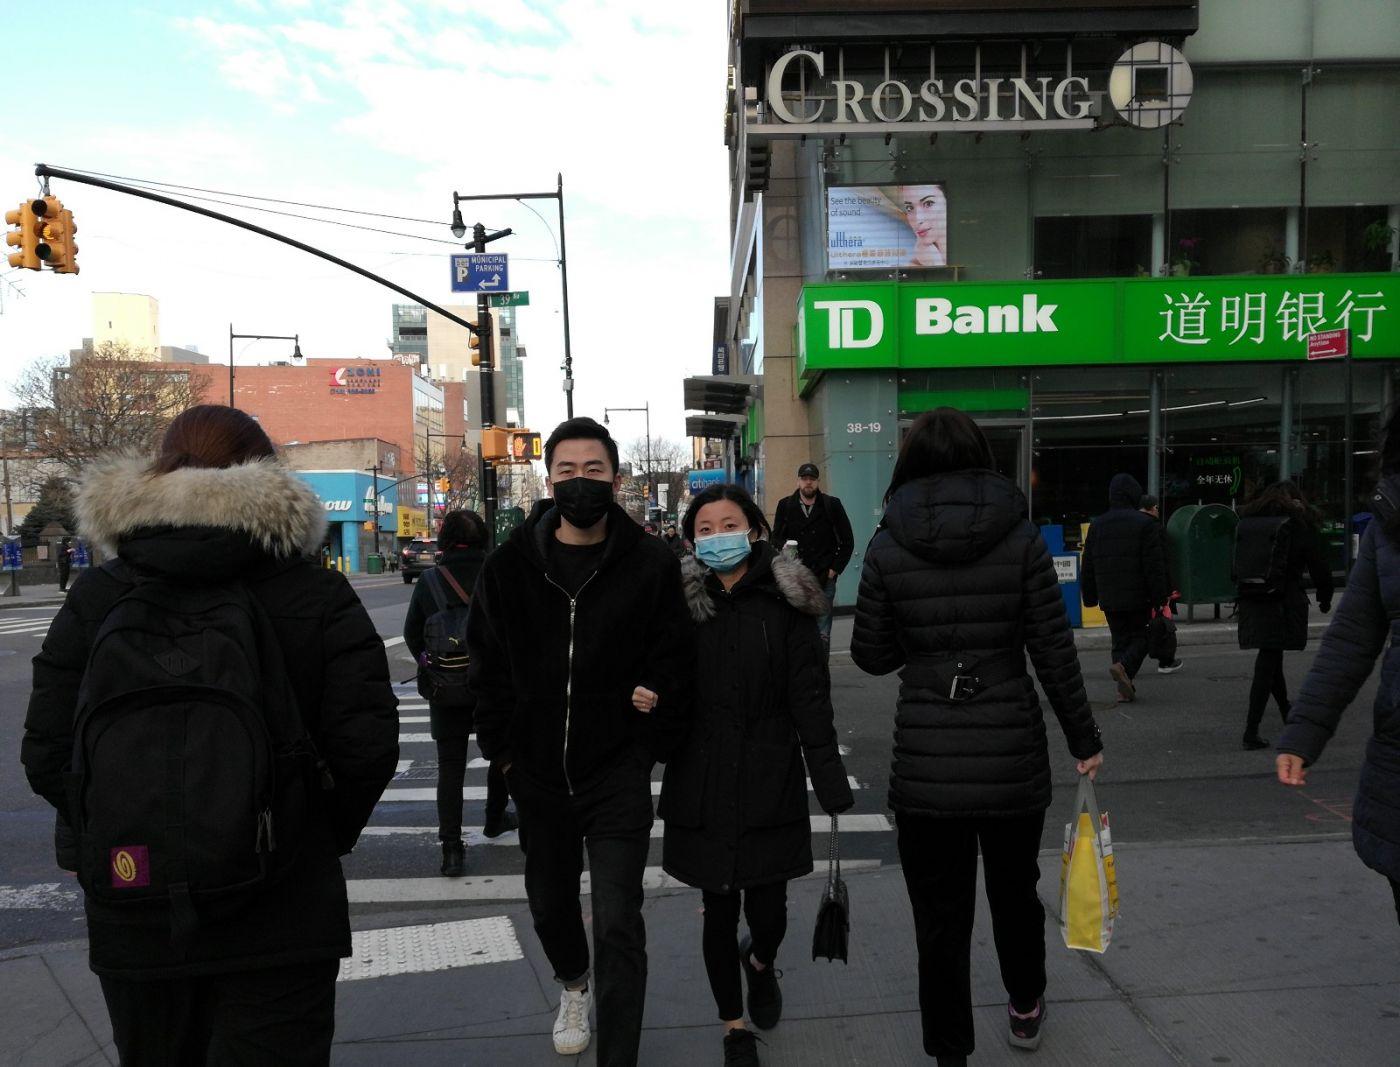 预防新型肺炎,纽约法拉盛街头戴口罩的人不断增加_图1-6